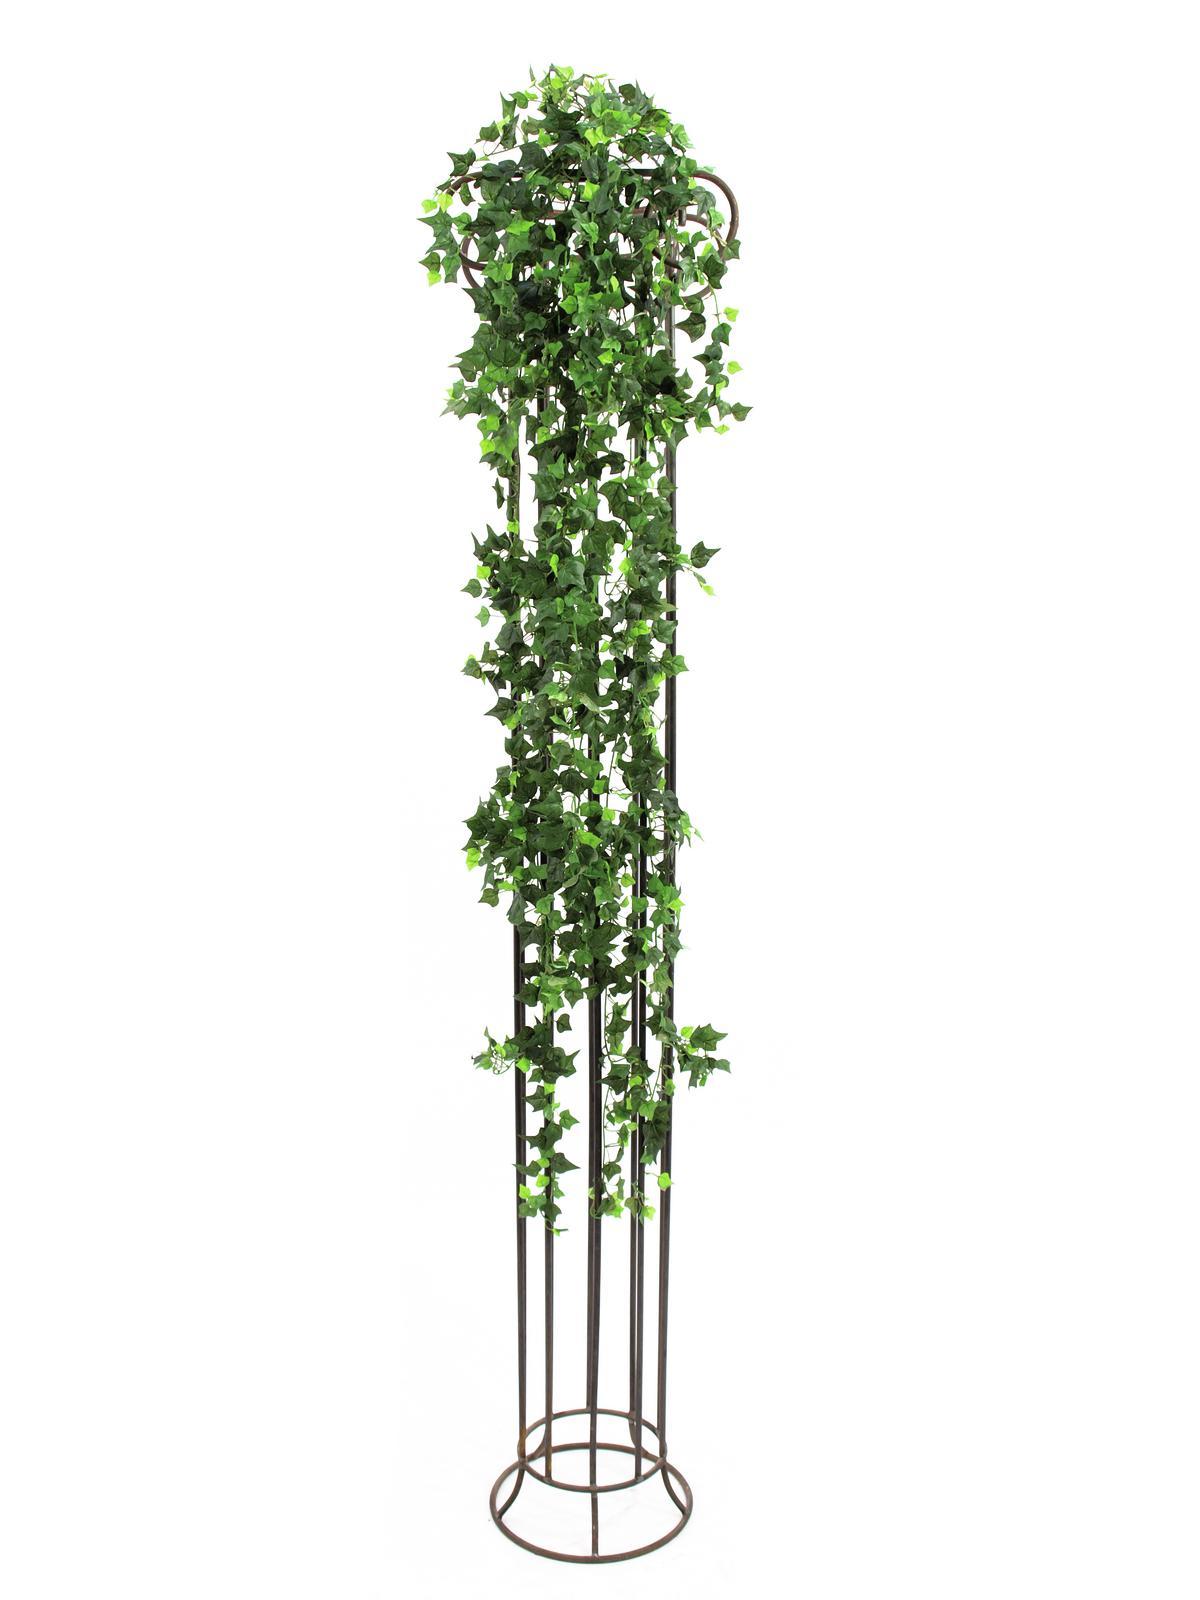 EUROPALMS Classica edera viticcio, 160cm